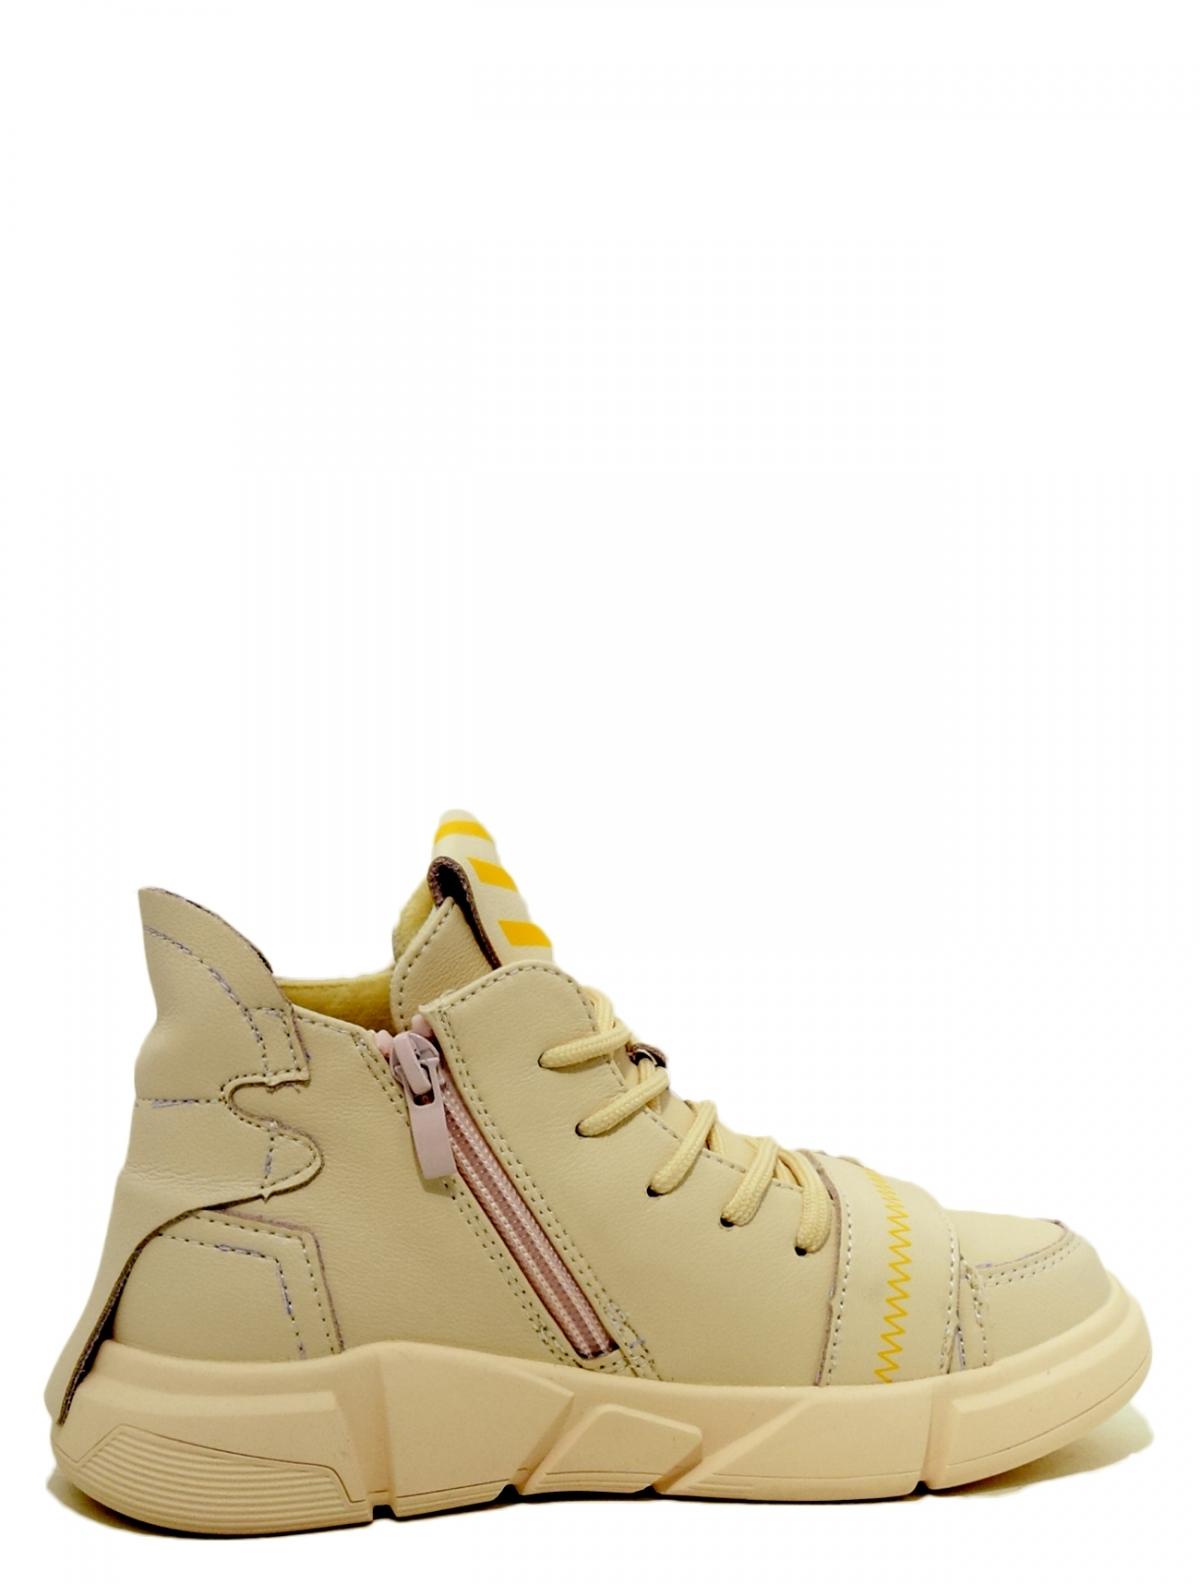 Ulet LM1907042 кроссовки для девочки